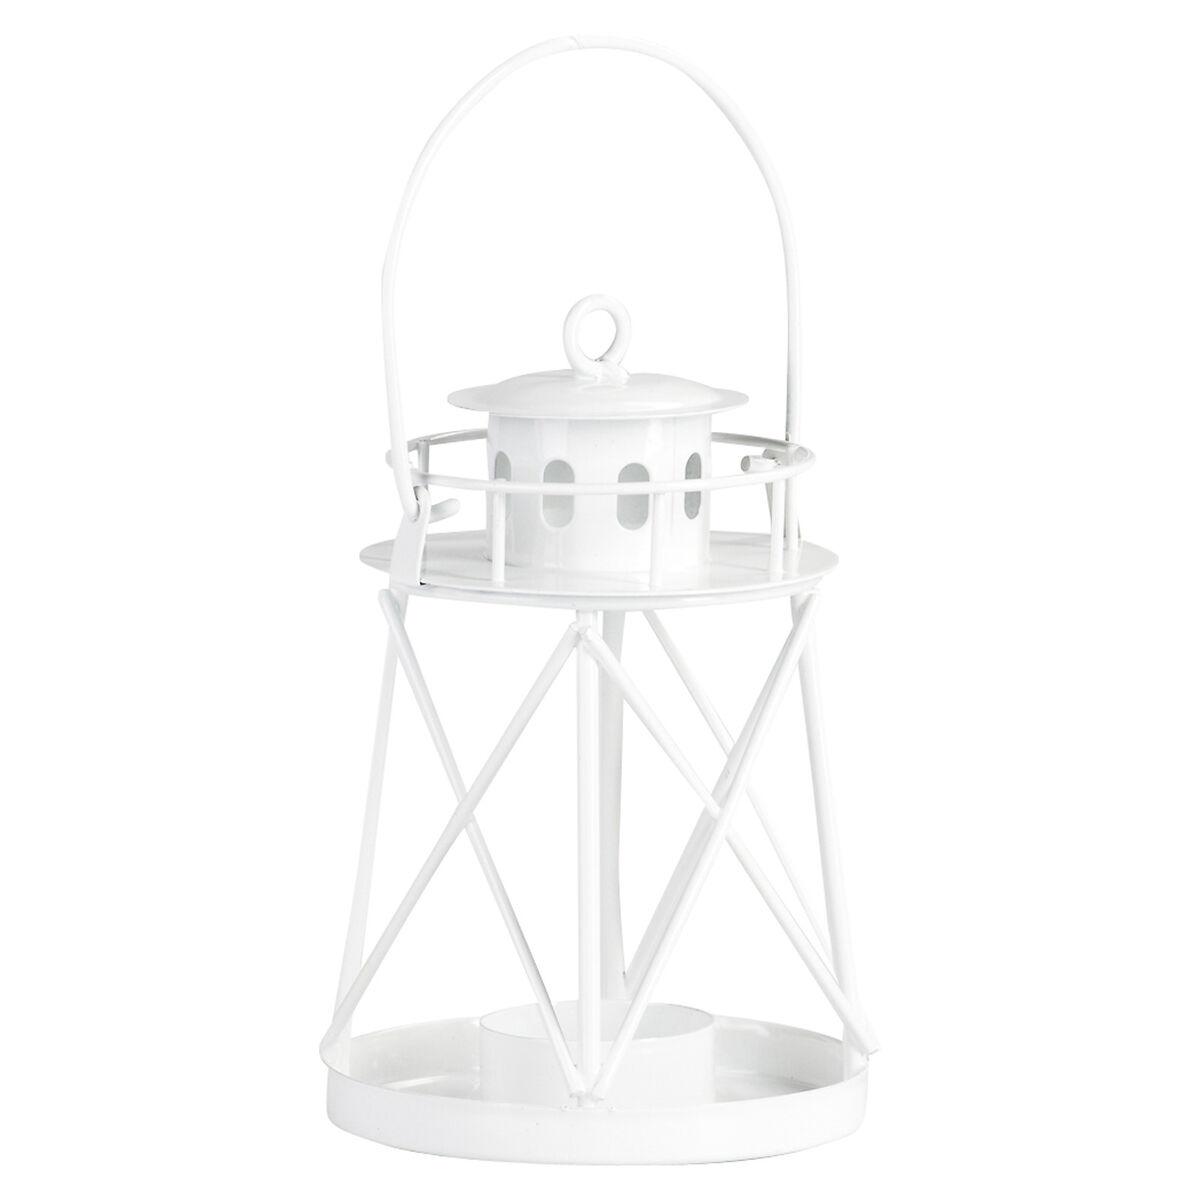 laterne leuchtturm metall wei ca d 9 5 x h 15 cm depot de. Black Bedroom Furniture Sets. Home Design Ideas